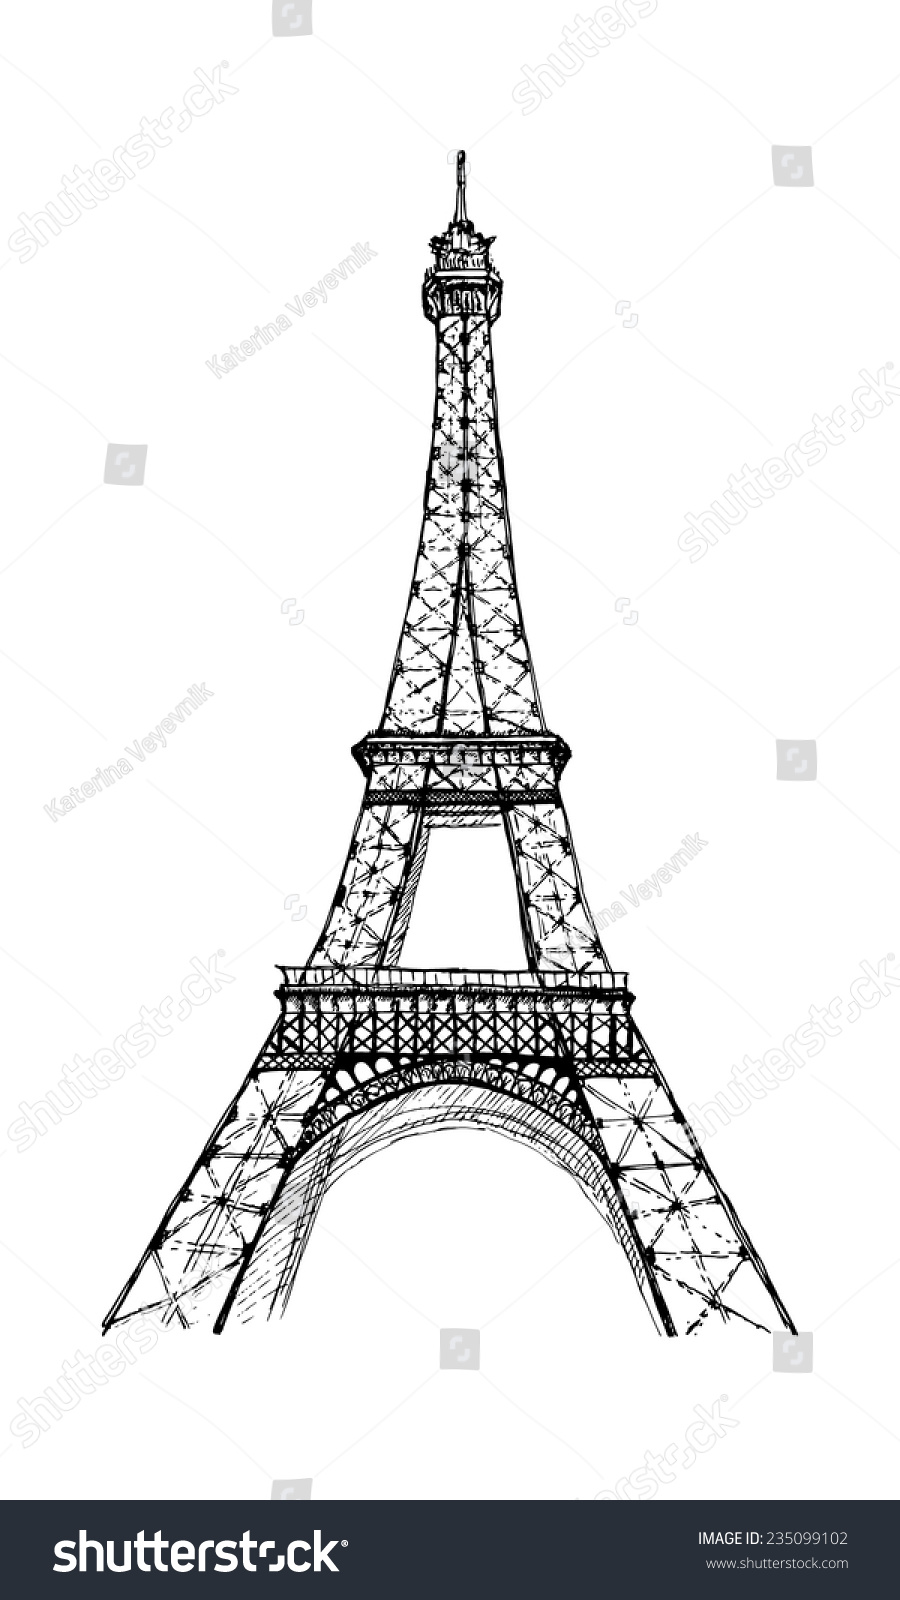 手绘埃菲尔铁塔-建筑物/地标